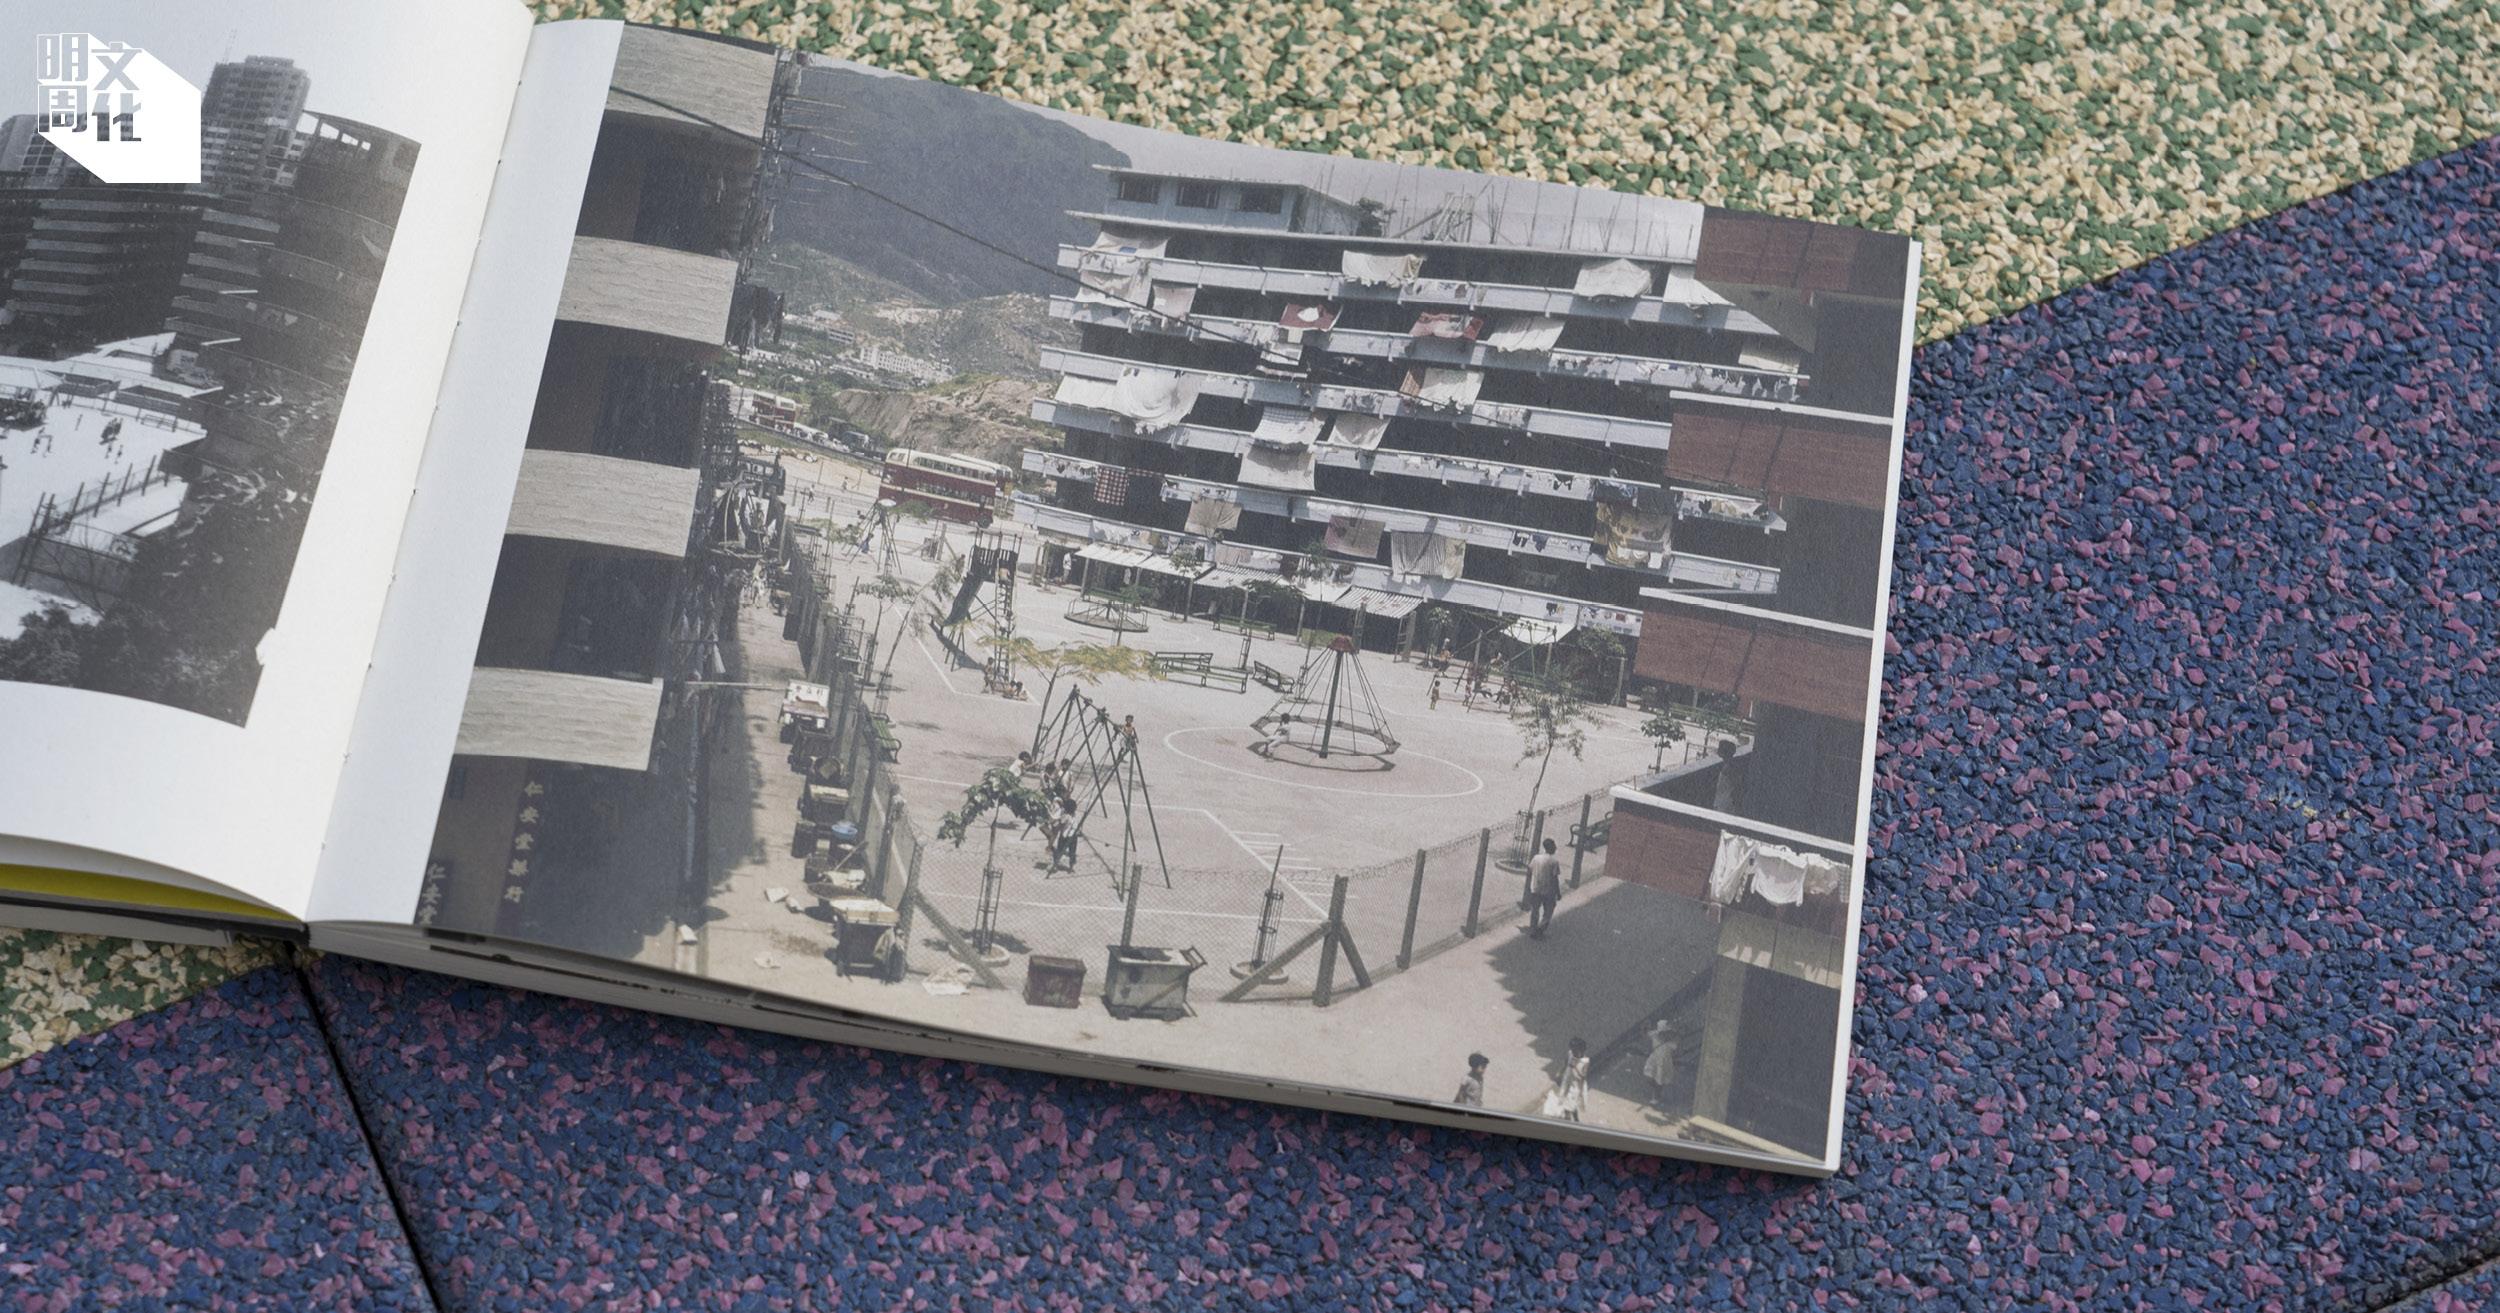 書中有大量豐富的遊樂場影像記錄